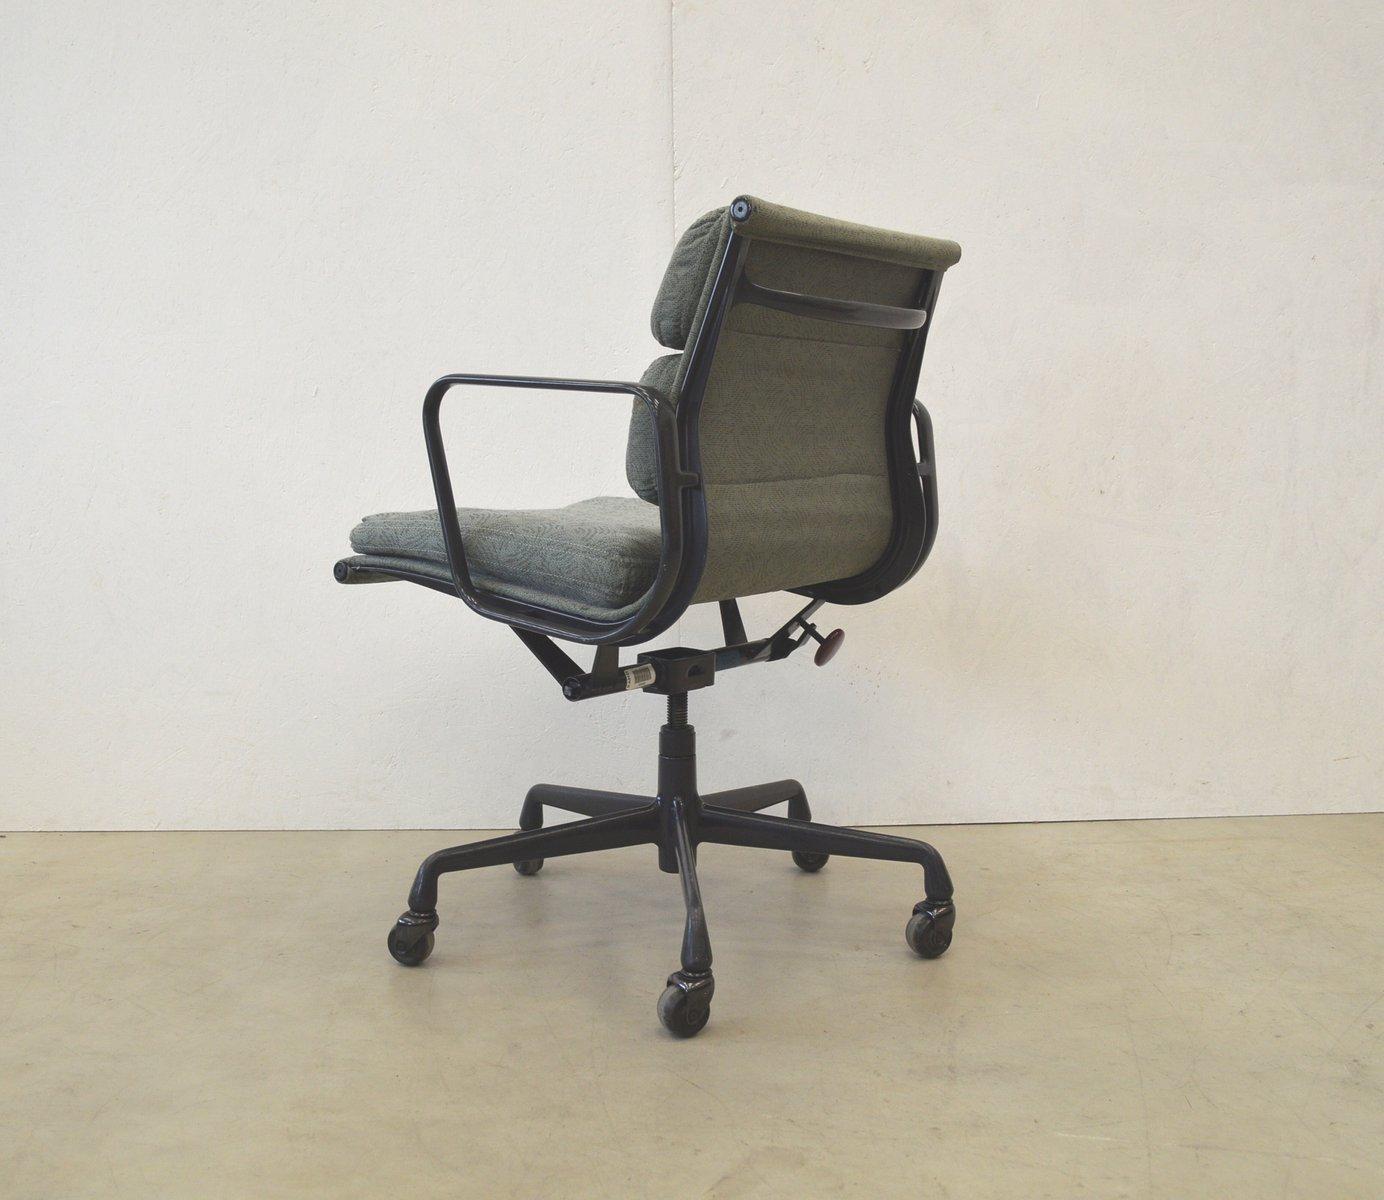 chaise de bureau ea217 en aluminium par charles ray eames pour herman miller etats unis. Black Bedroom Furniture Sets. Home Design Ideas